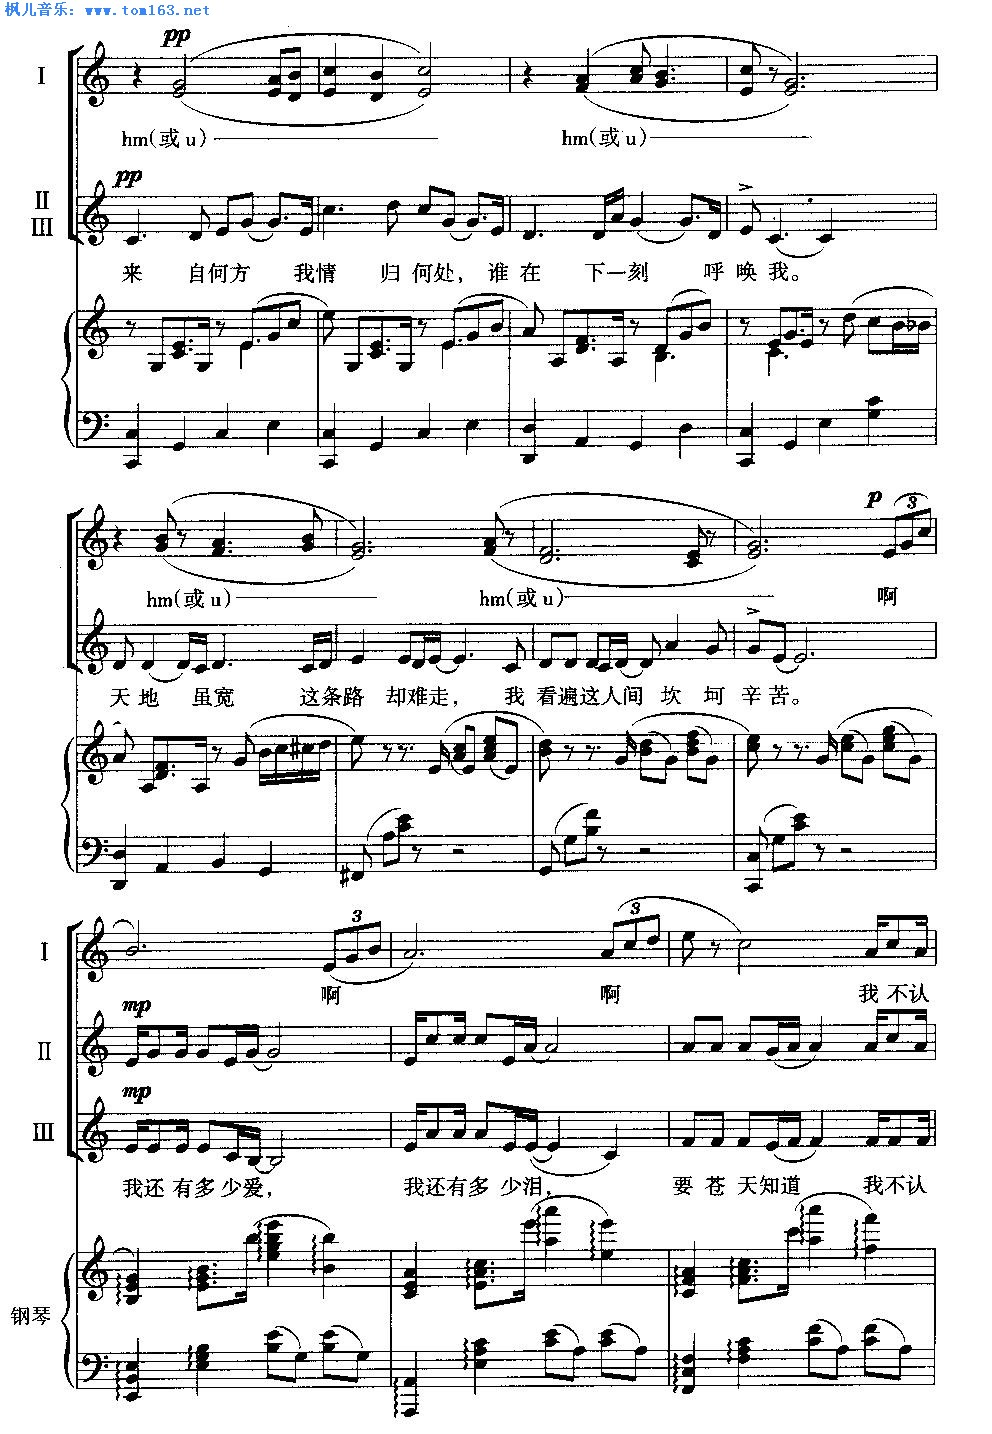 感恩的心 合唱谱 五线谱